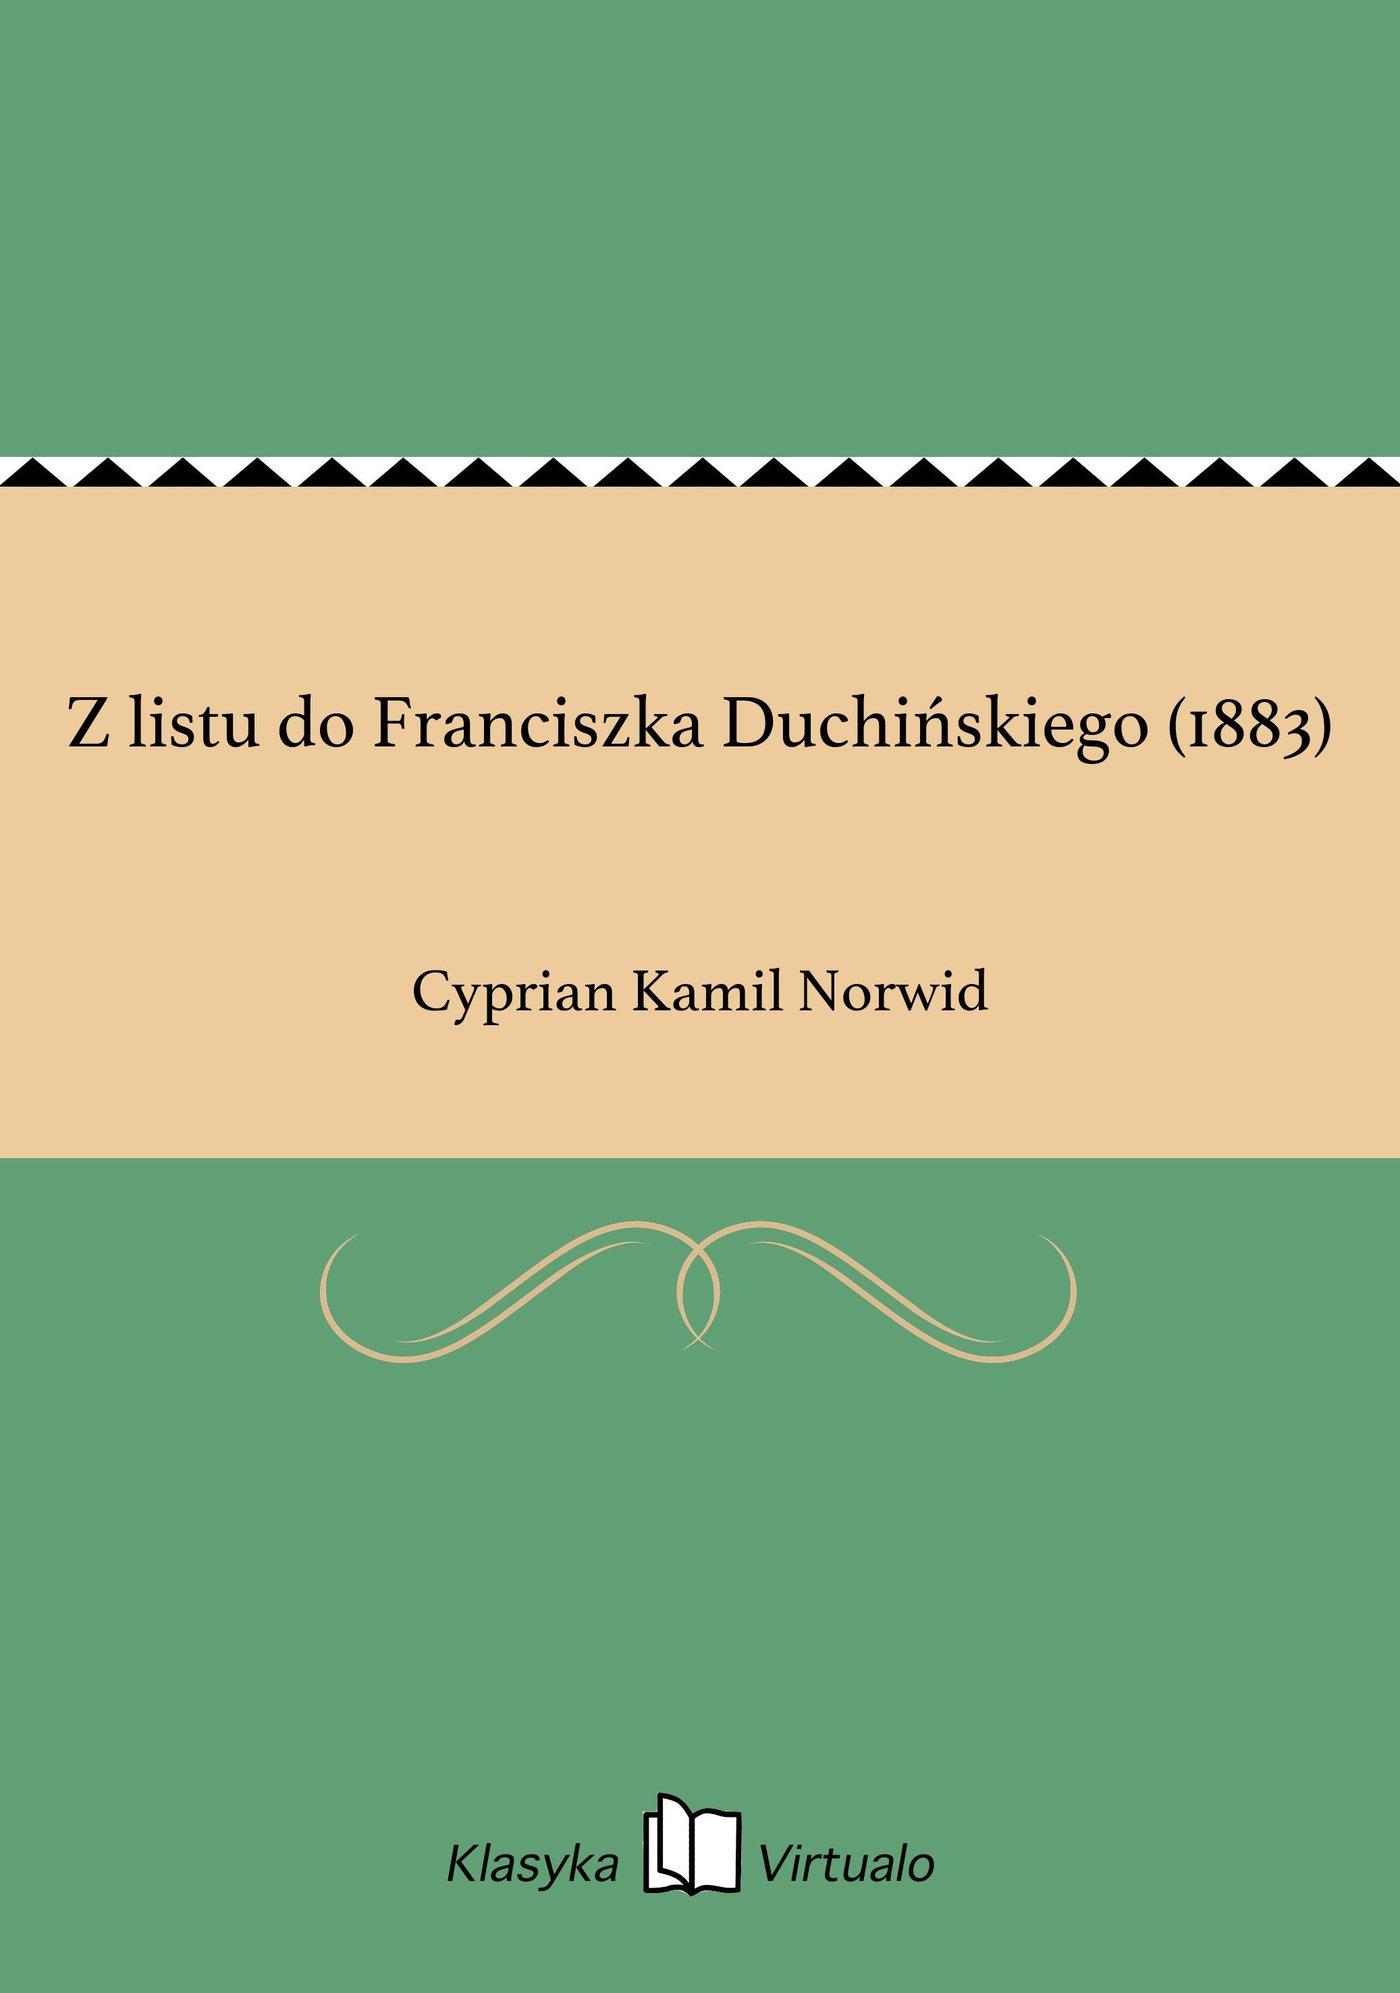 Z listu do Franciszka Duchińskiego (1883) - Ebook (Książka EPUB) do pobrania w formacie EPUB